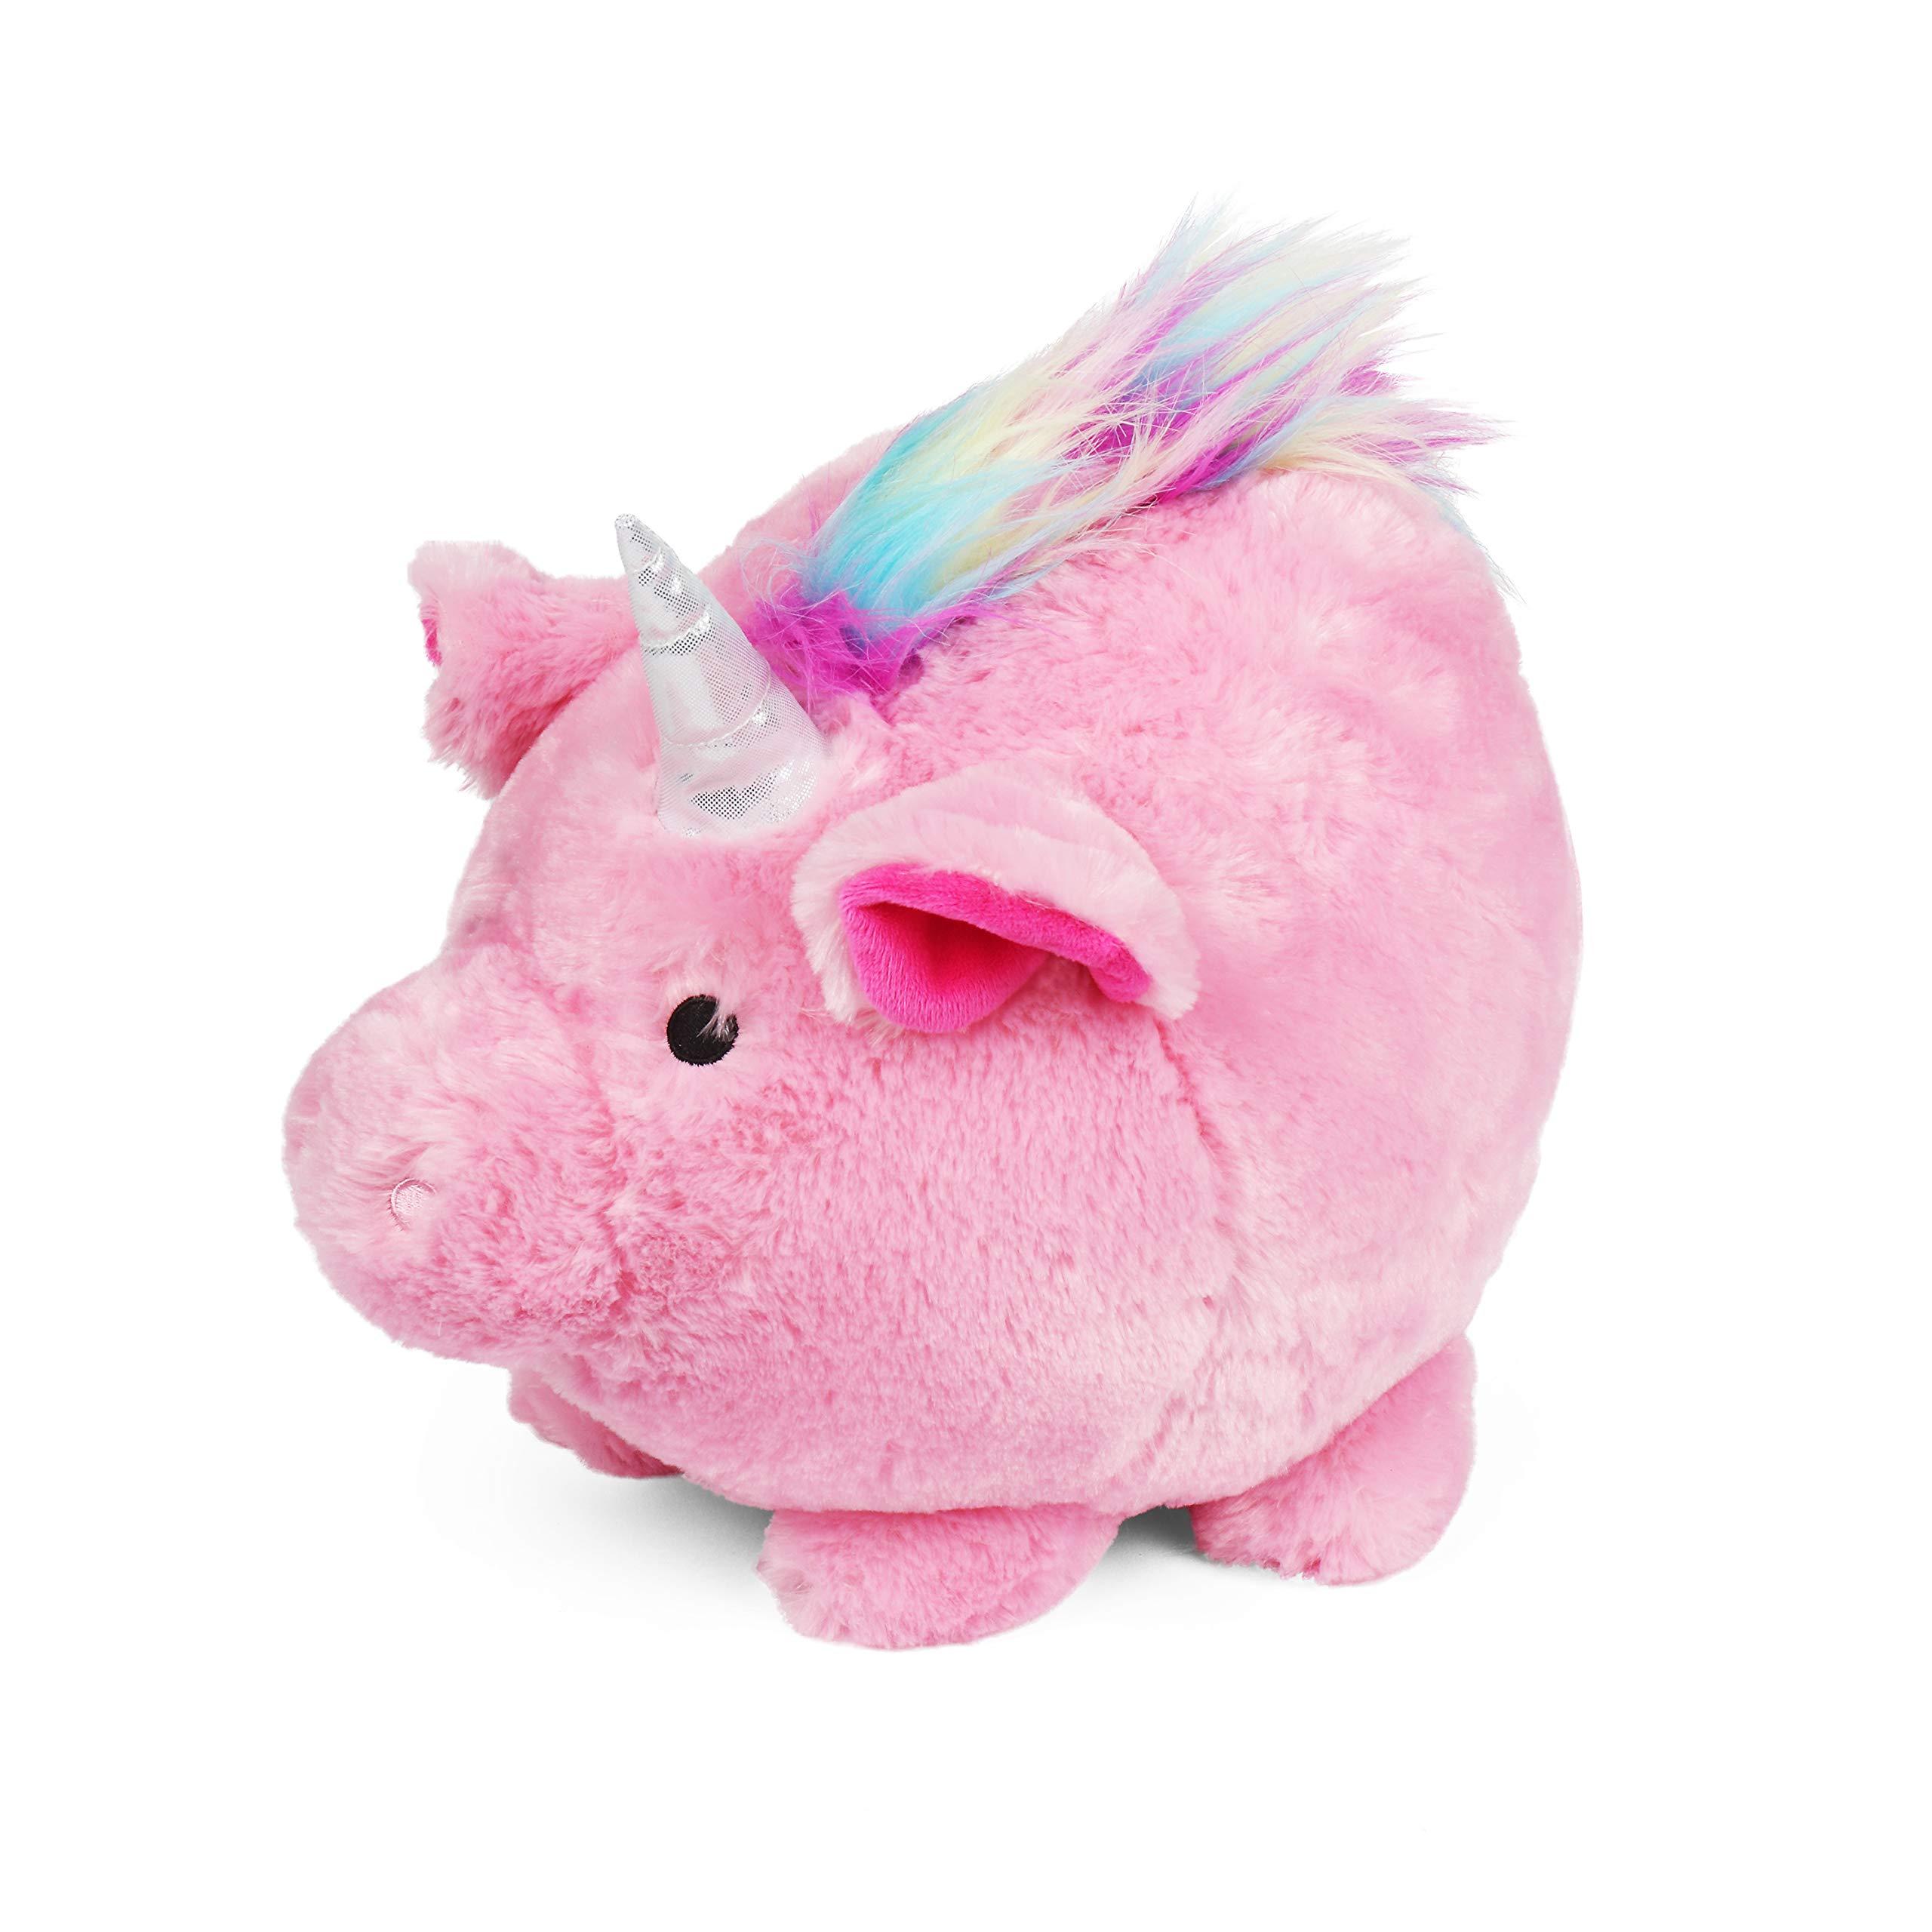 Jumbo Plush Pink Unicorn Piggy Bank, Hug Me and Fill Me!